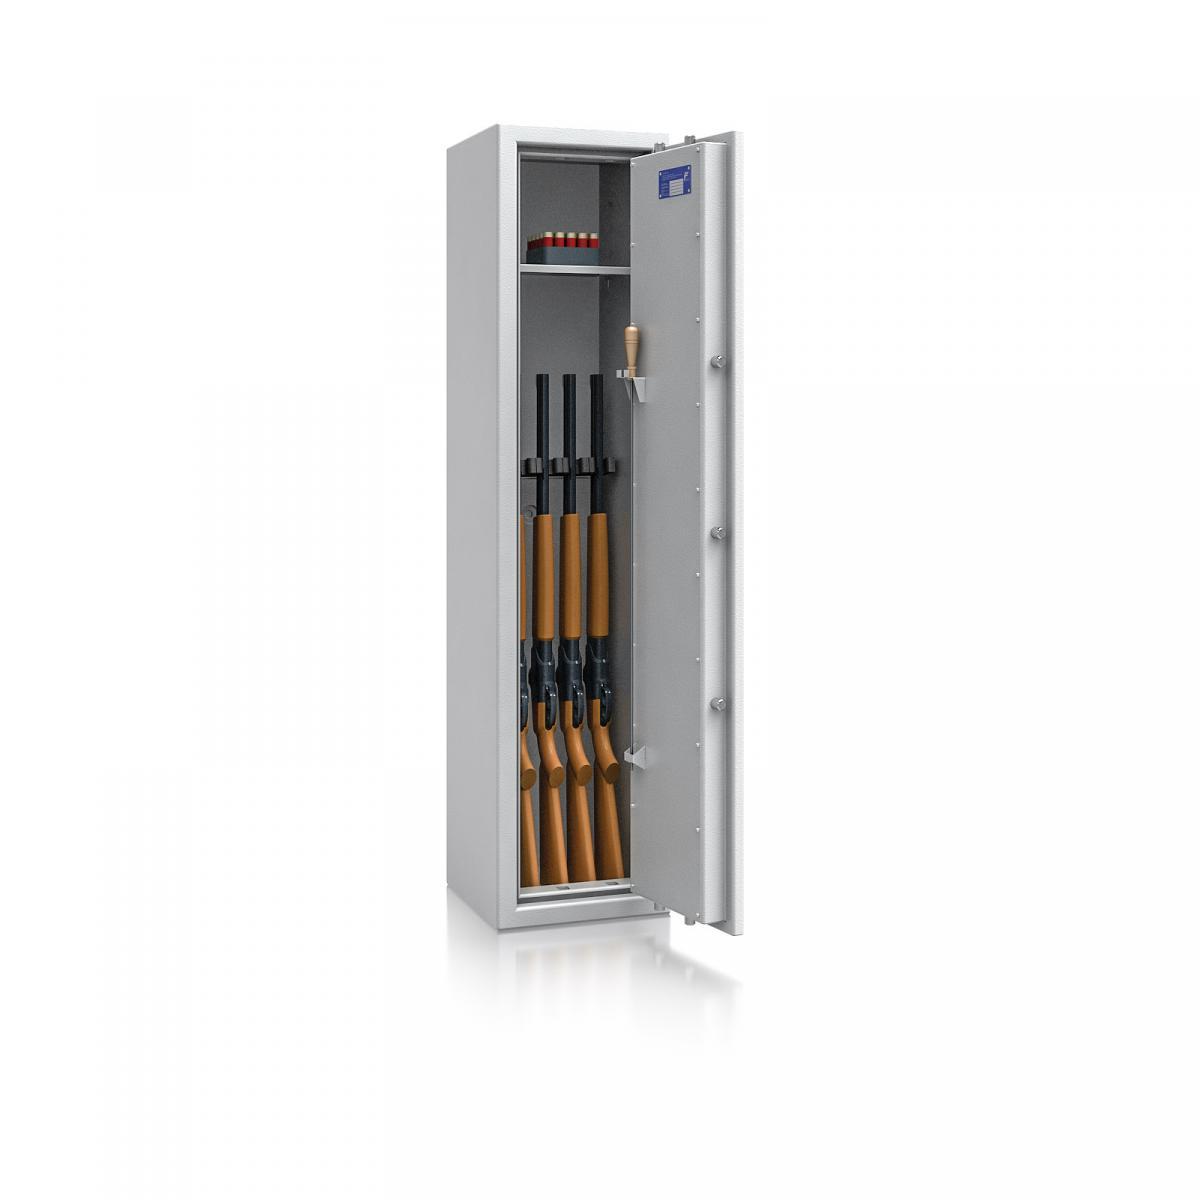 Waffenschrank St. Gallen WF NEW 3 - 1500x350x350 / 131kg 56472 / Klasse I / RAL7035 / Schlüssel / DIN R